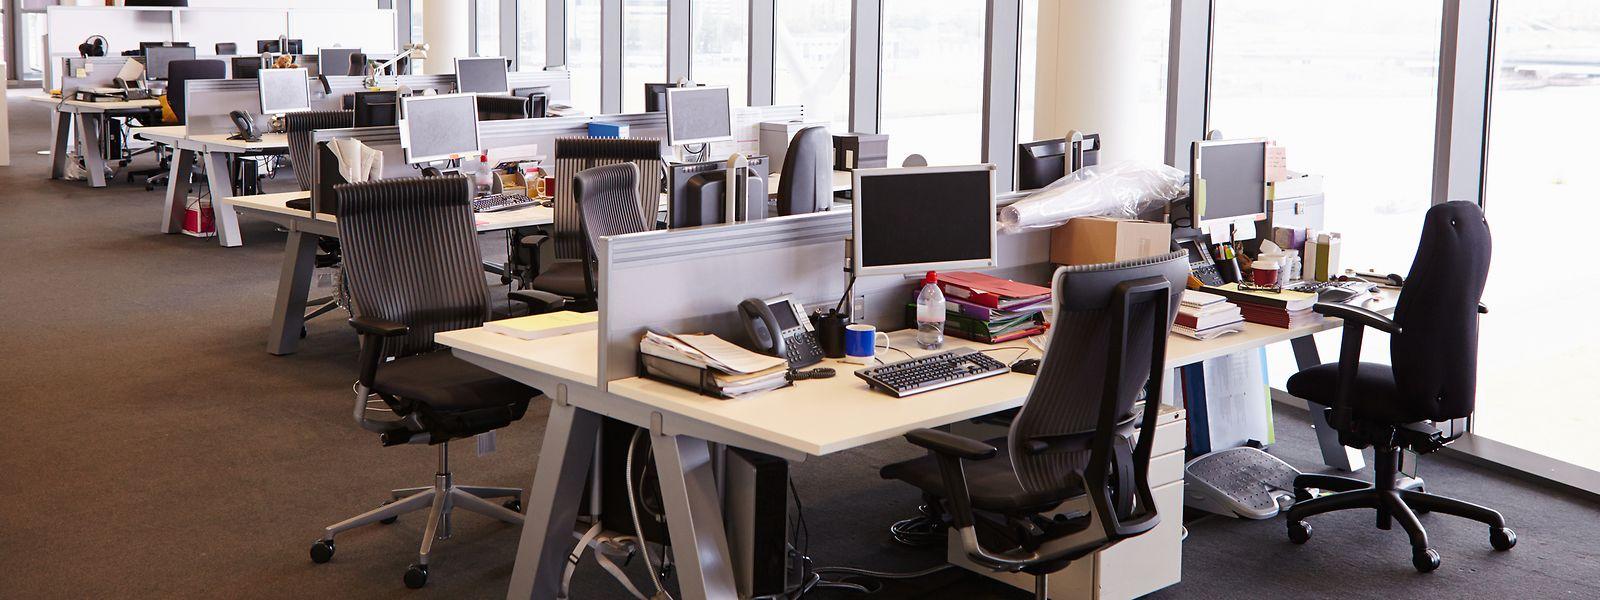 Leerstand durch Homeoffice: Viele Arbeitsplätze bleiben auch nach der Lockerung der Einschränkungen noch leer.